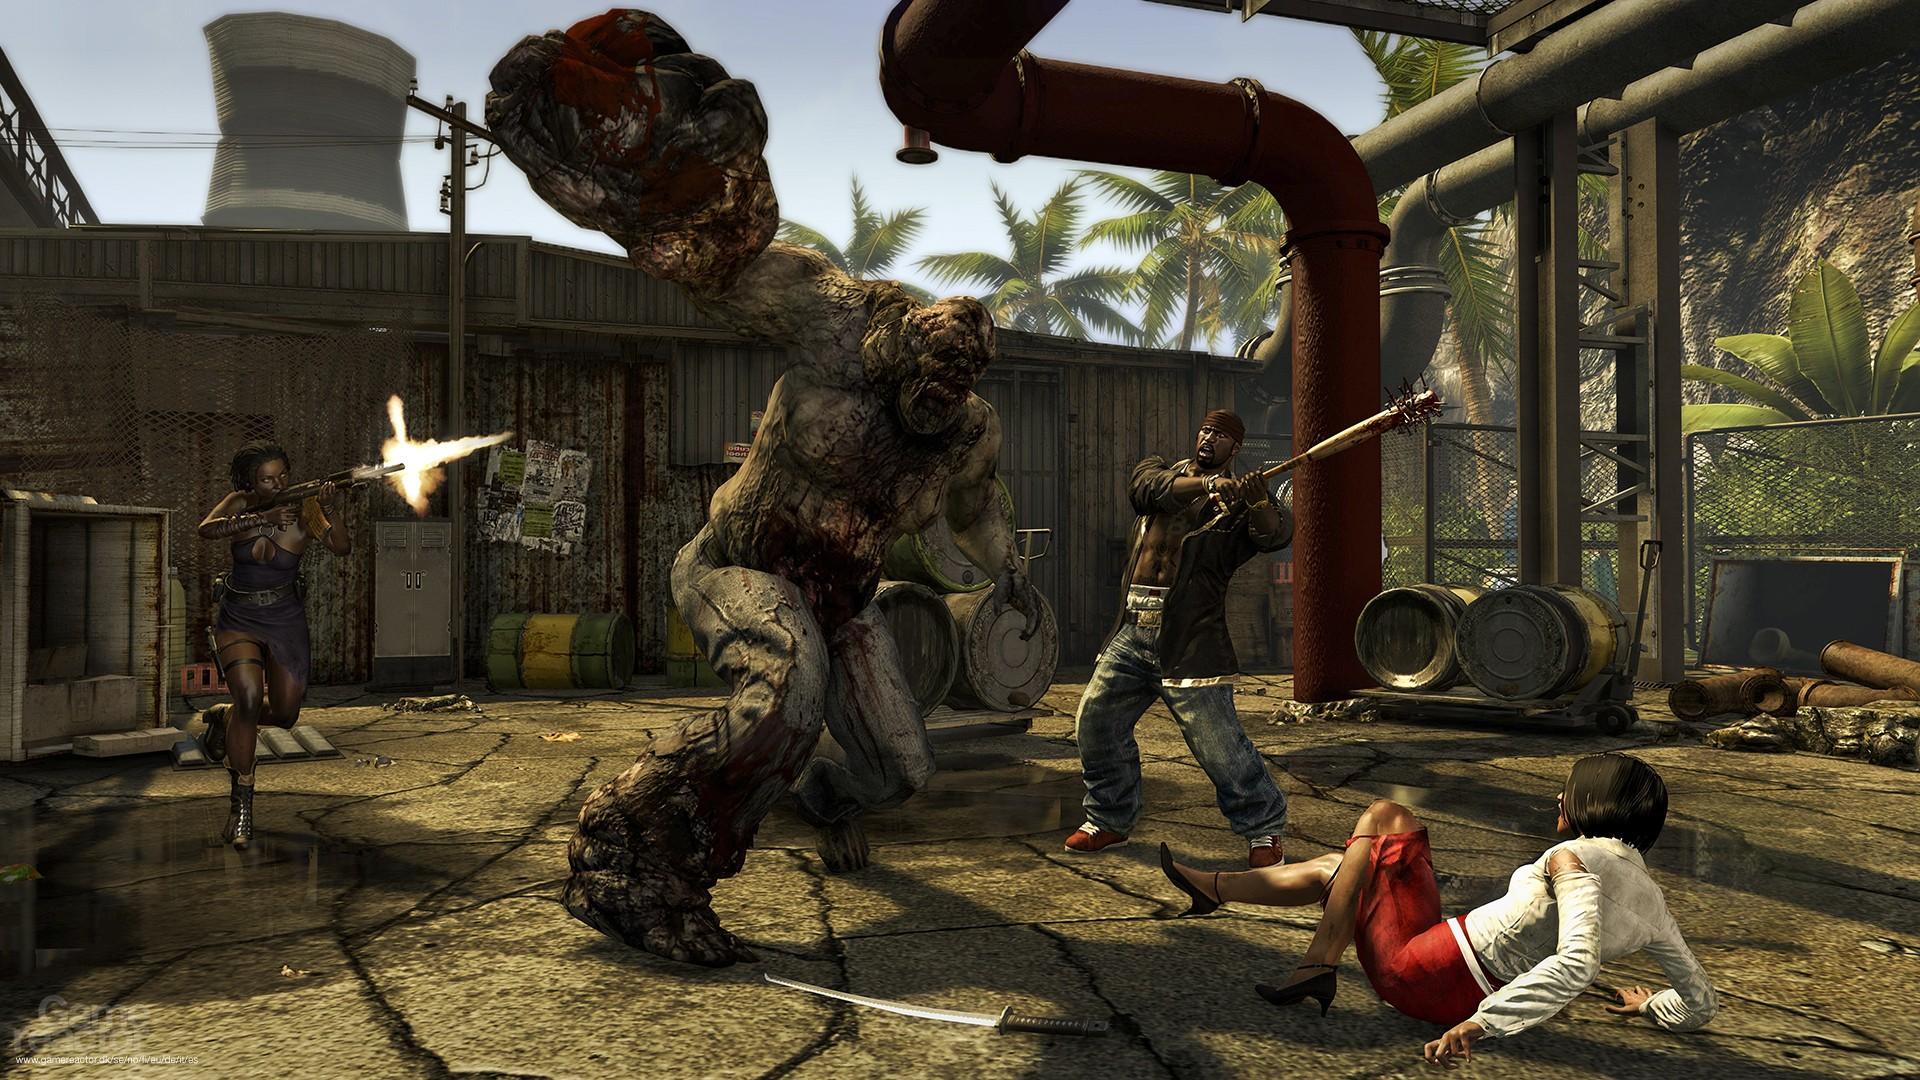 puedes jugar dead island con tus amigos en cooperativo de principio a fin.